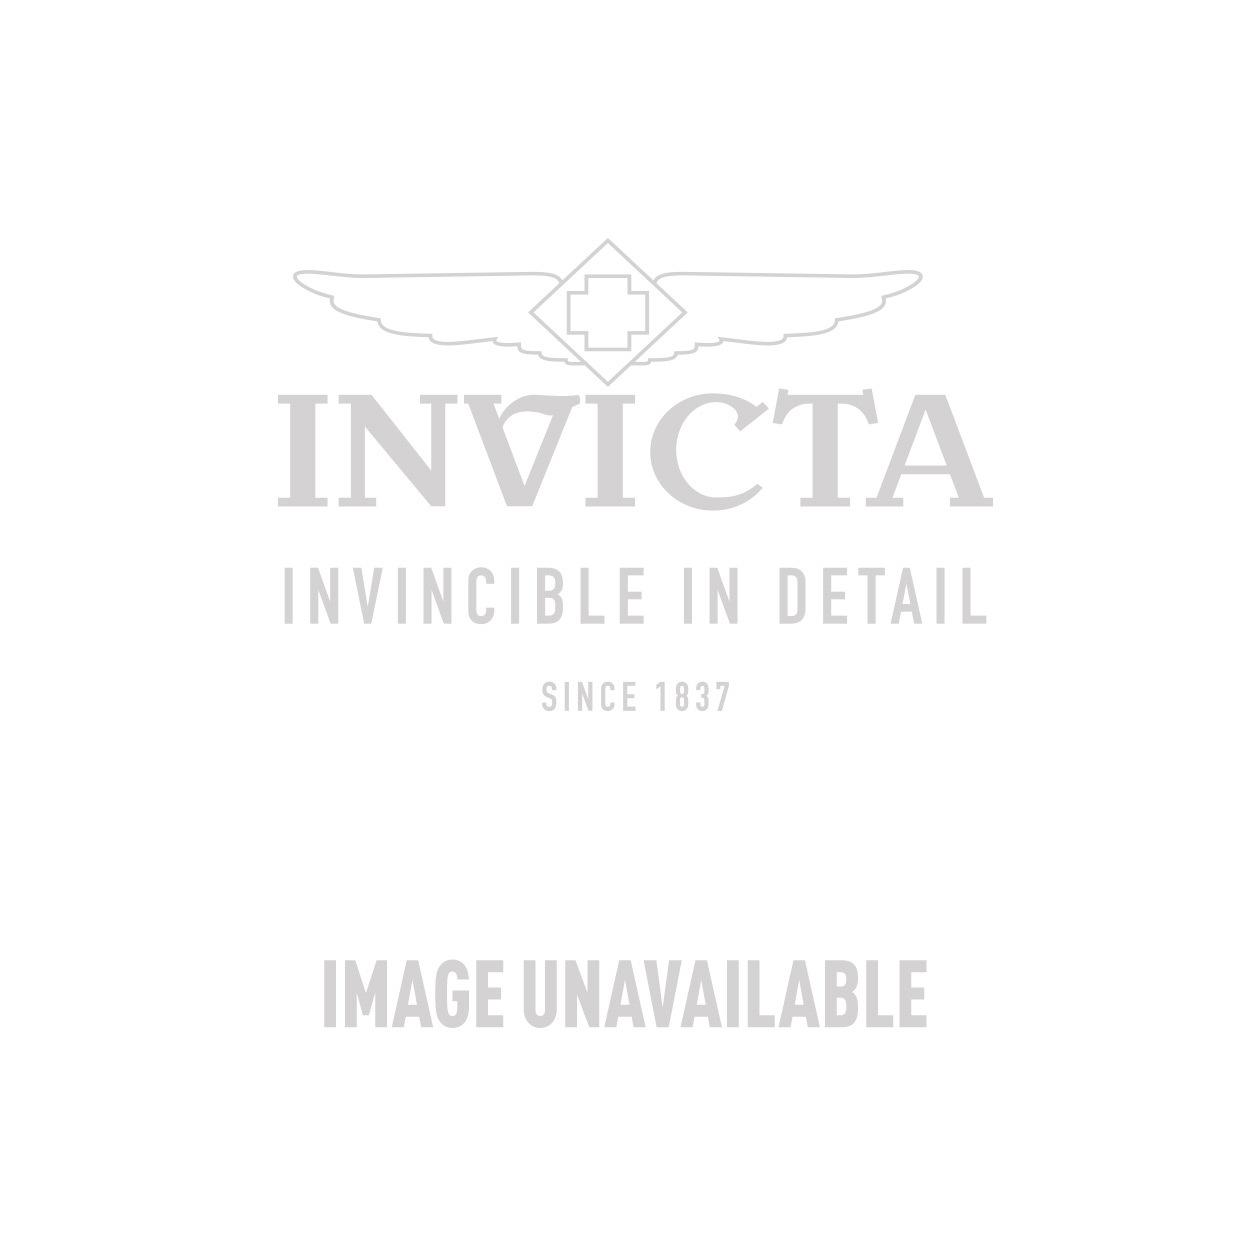 Invicta Model 25446